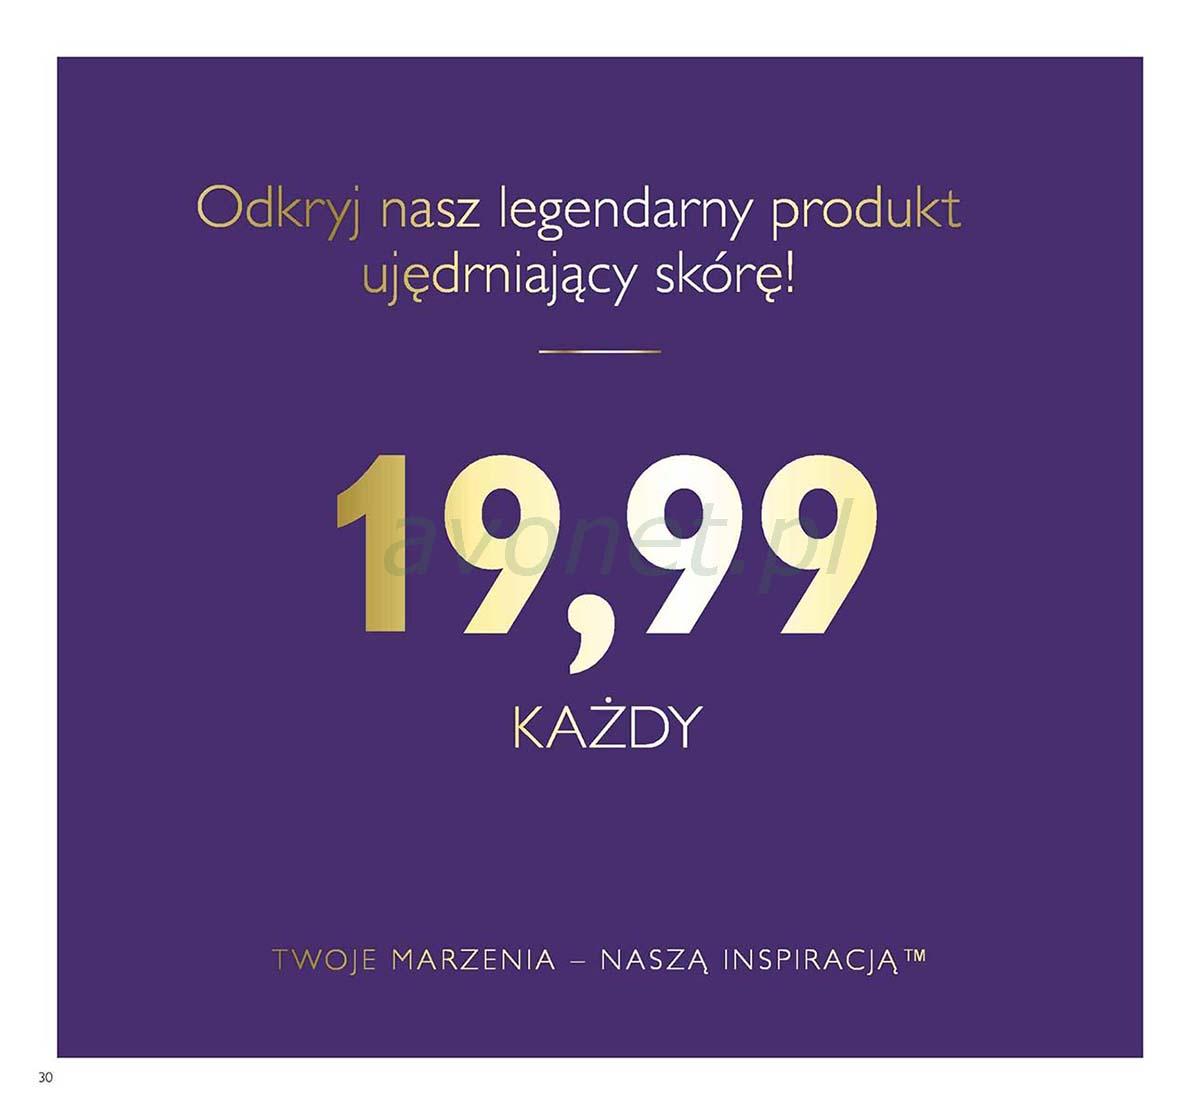 2017015-030-pl-pl